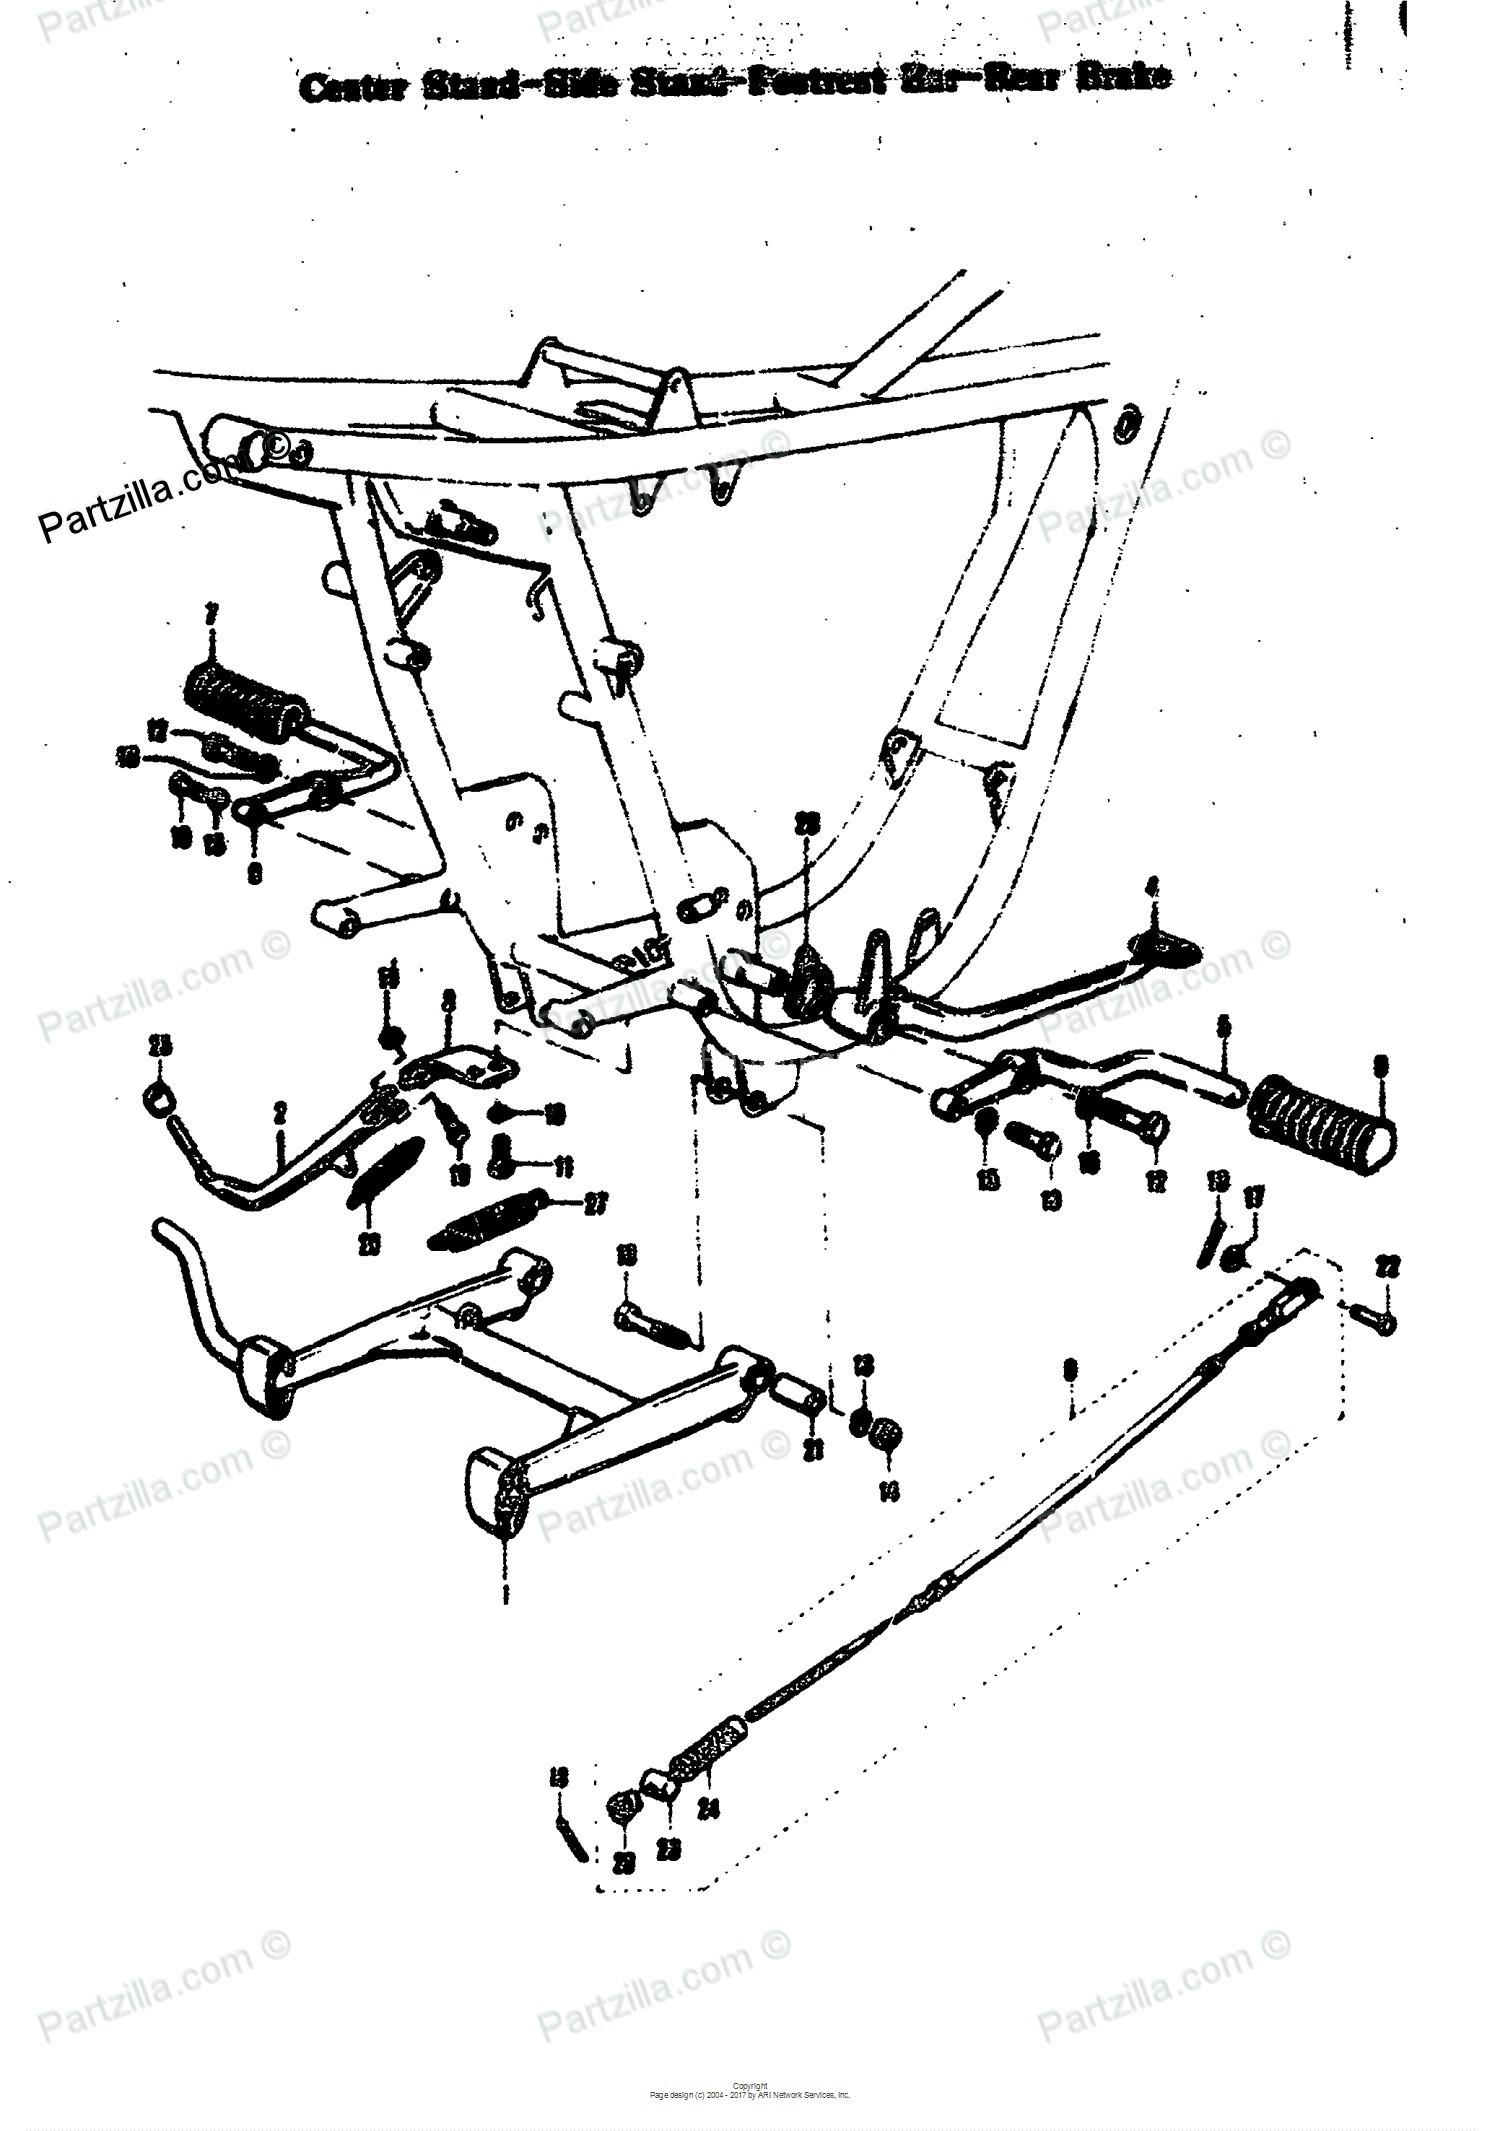 drum brakes diagram ford ranger image rear brake assembly